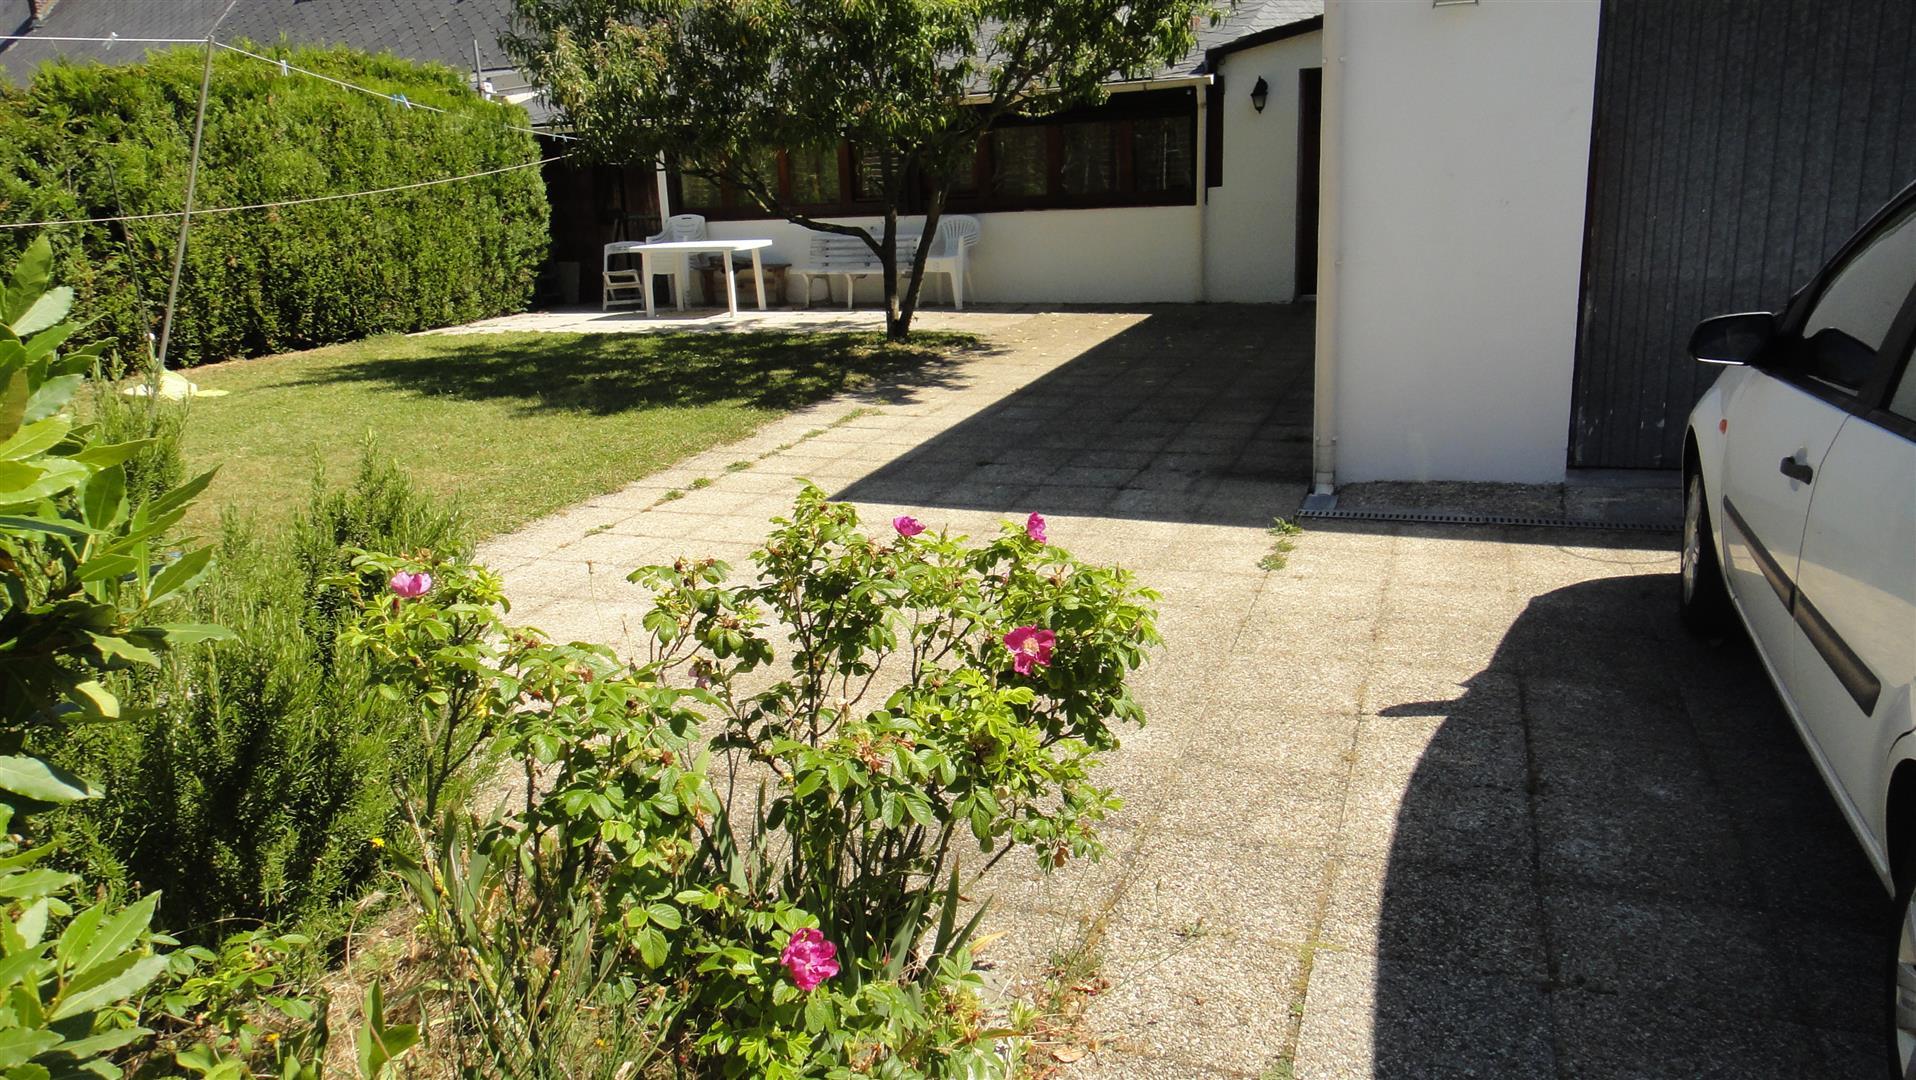 vente GRAND QUEVILLY : MAISON 175 m2 + 2 garages + Jardin 575 m2